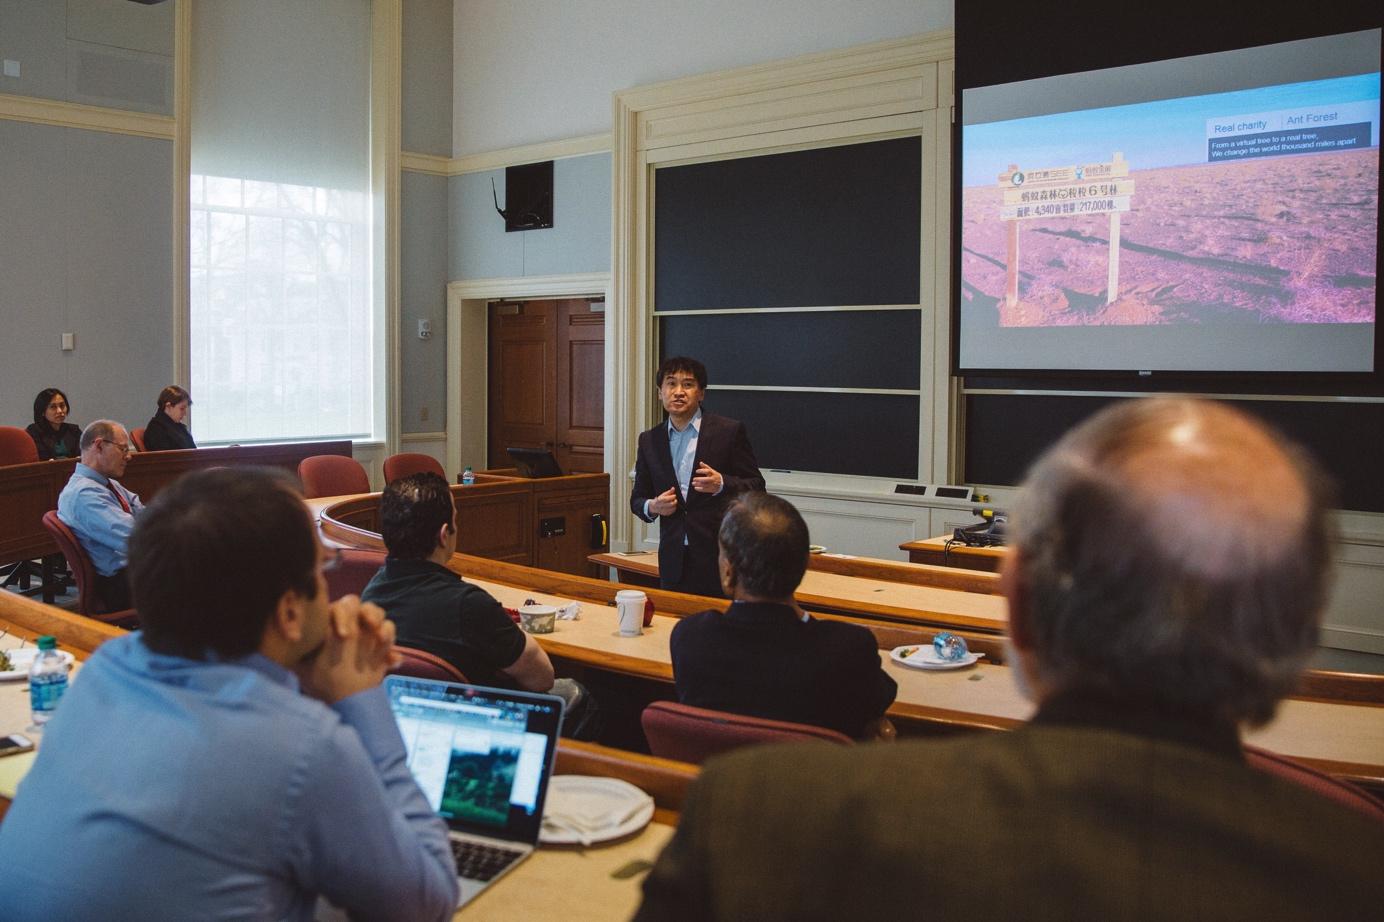 中国金融科技被西方研究 哈佛案例库收录蚂蚁金服模式